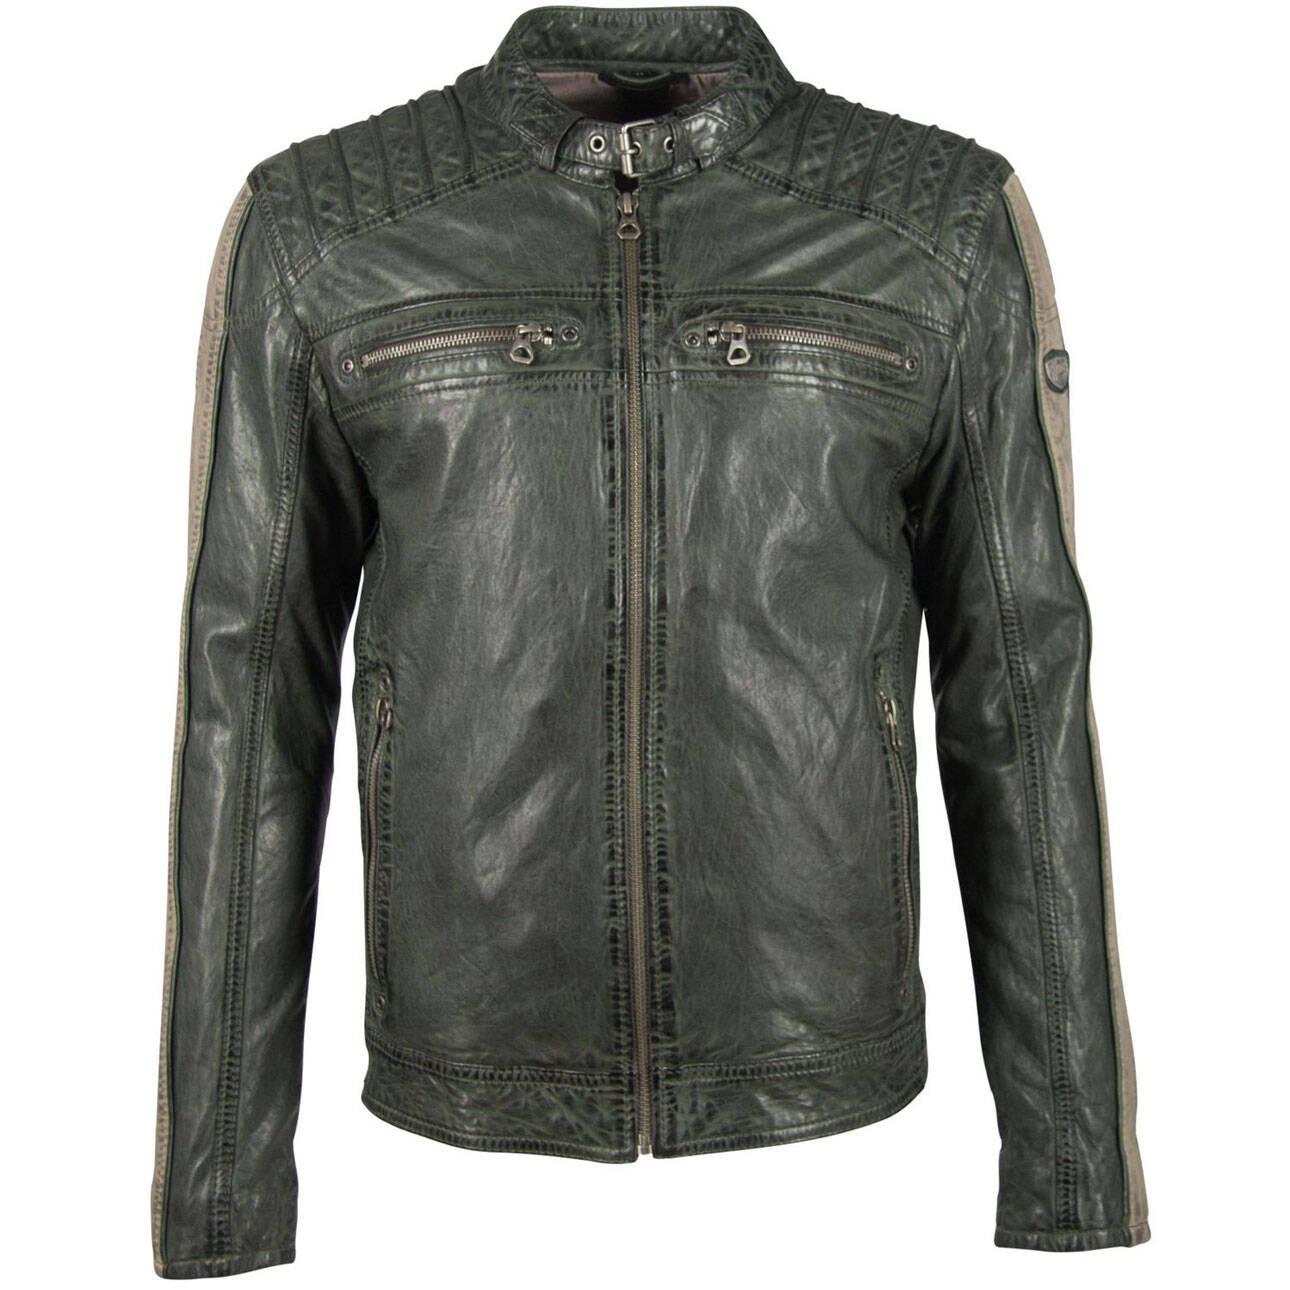 Vêtement en cuir Blousons cuir vert, taupe